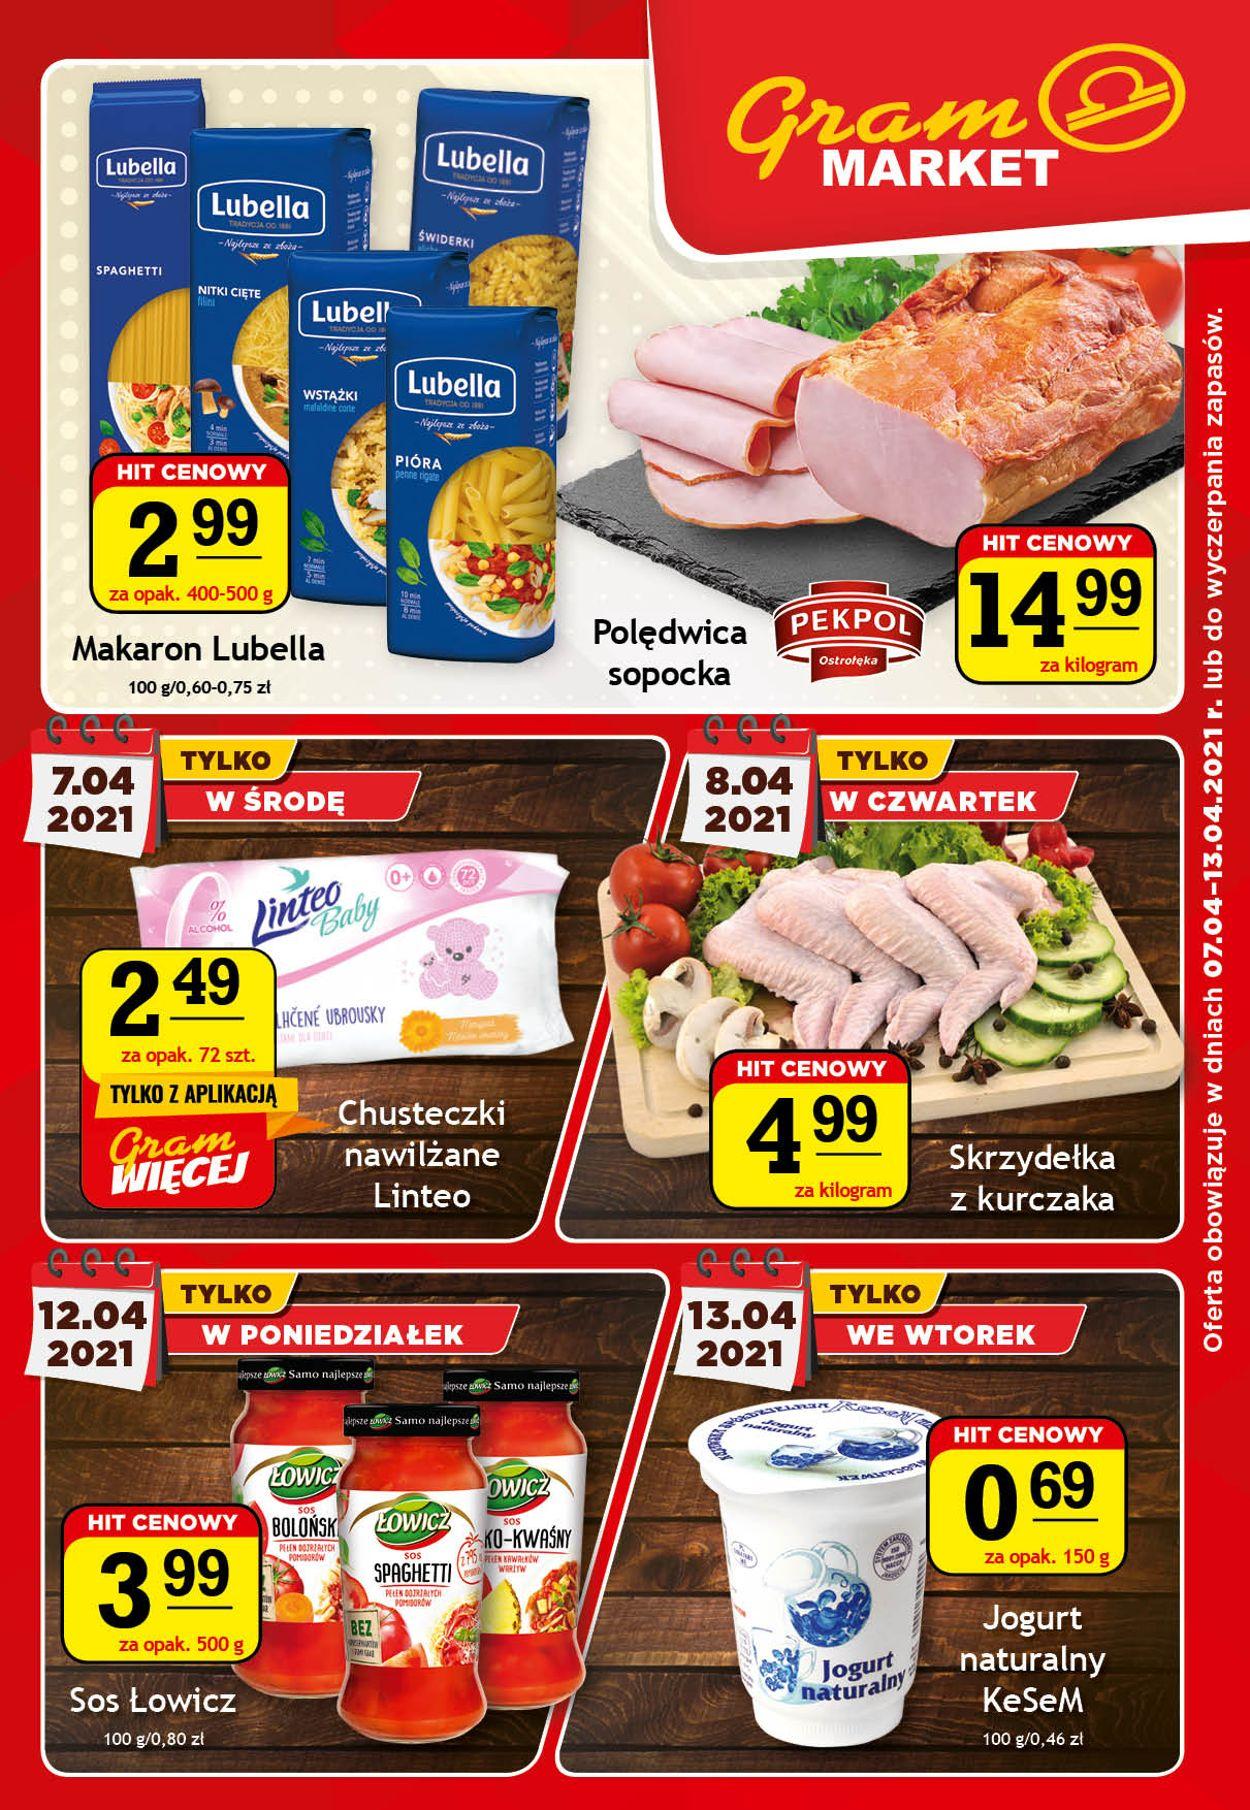 Gazetka promocyjna Gram Market - 07.04-13.04.2021